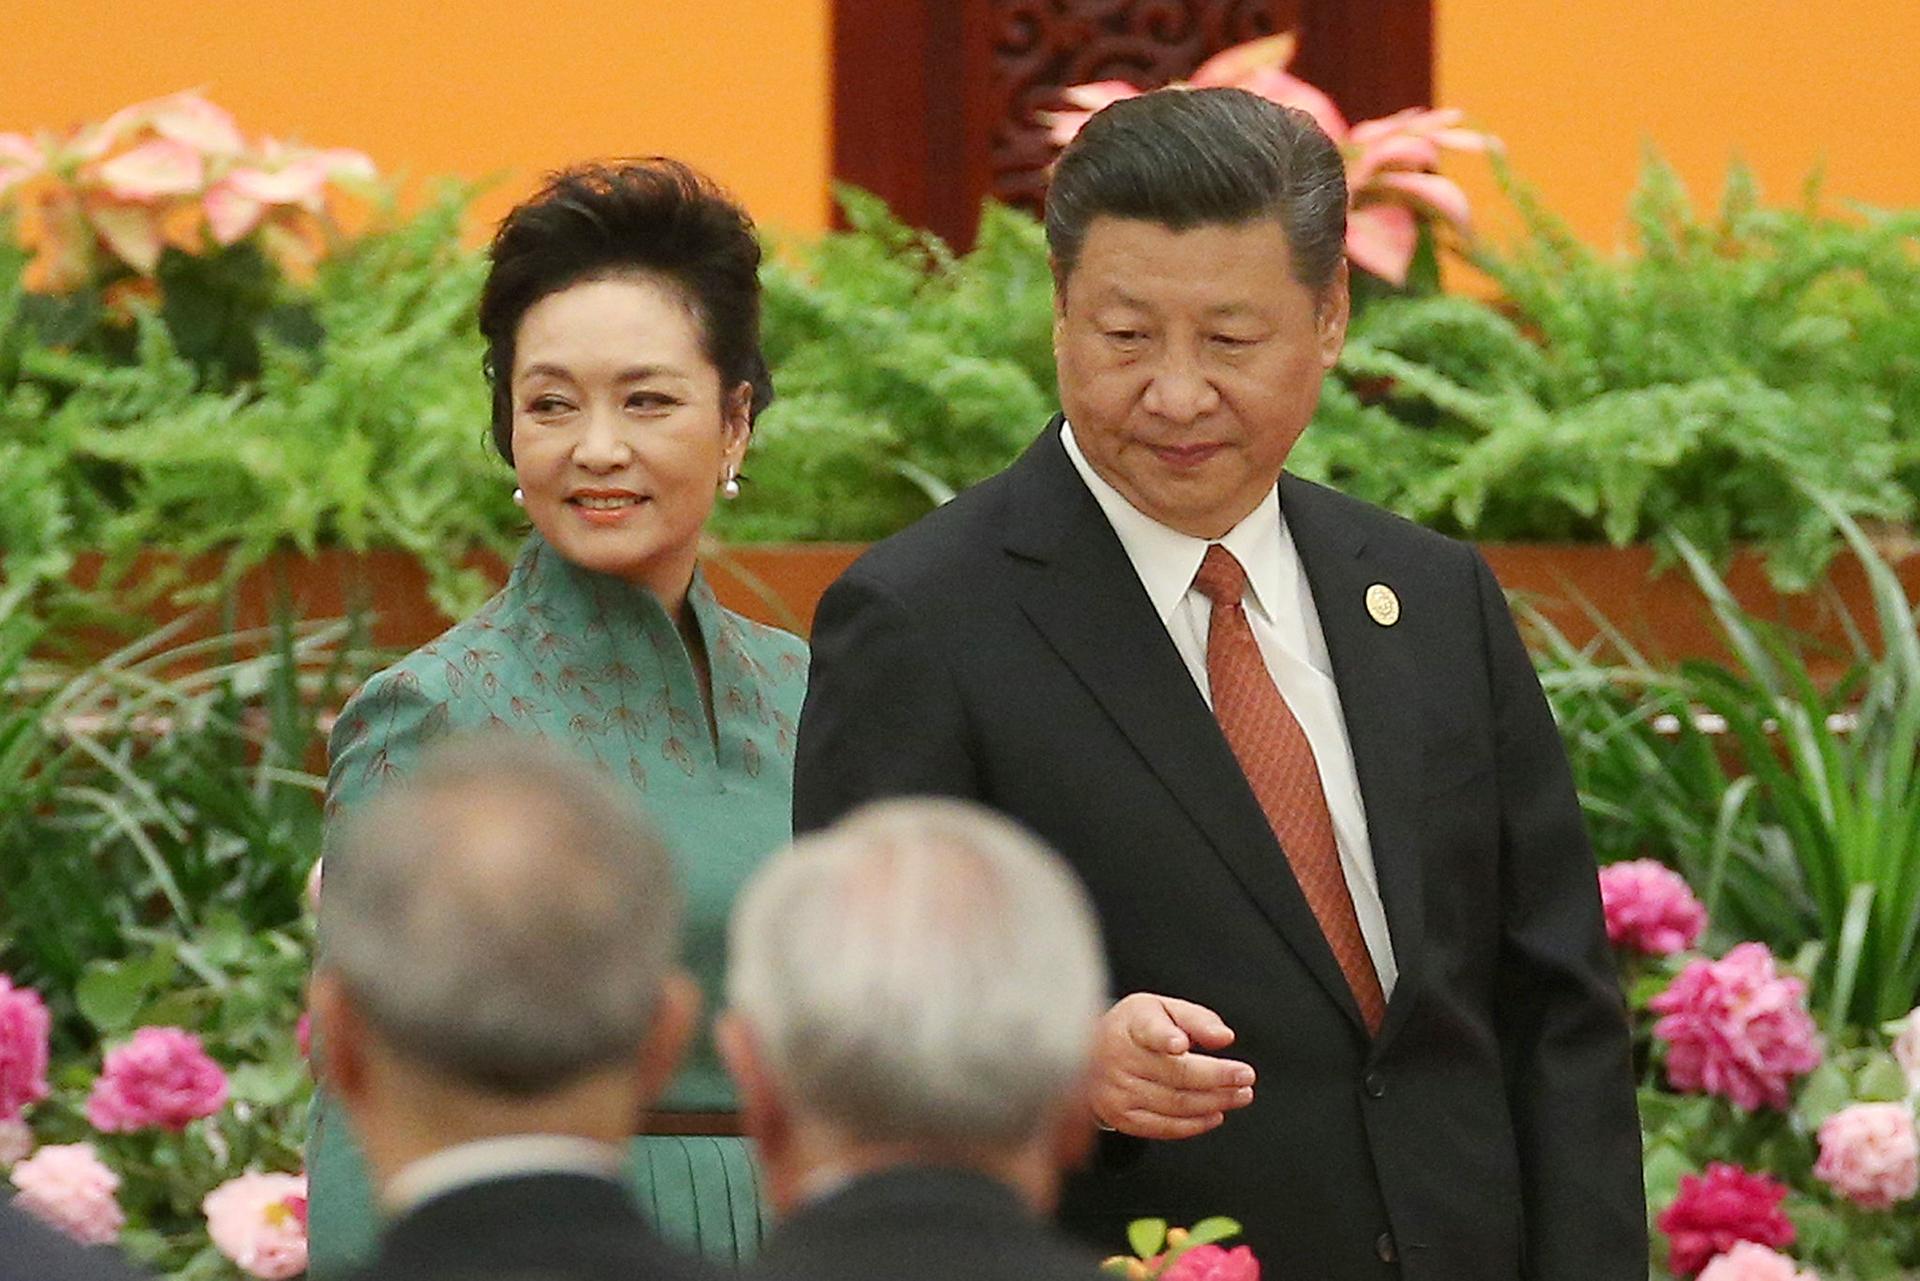 Xi Jinping y su esposa Peng Liyuan en el banquete de bienvenida a los líderes mundiales